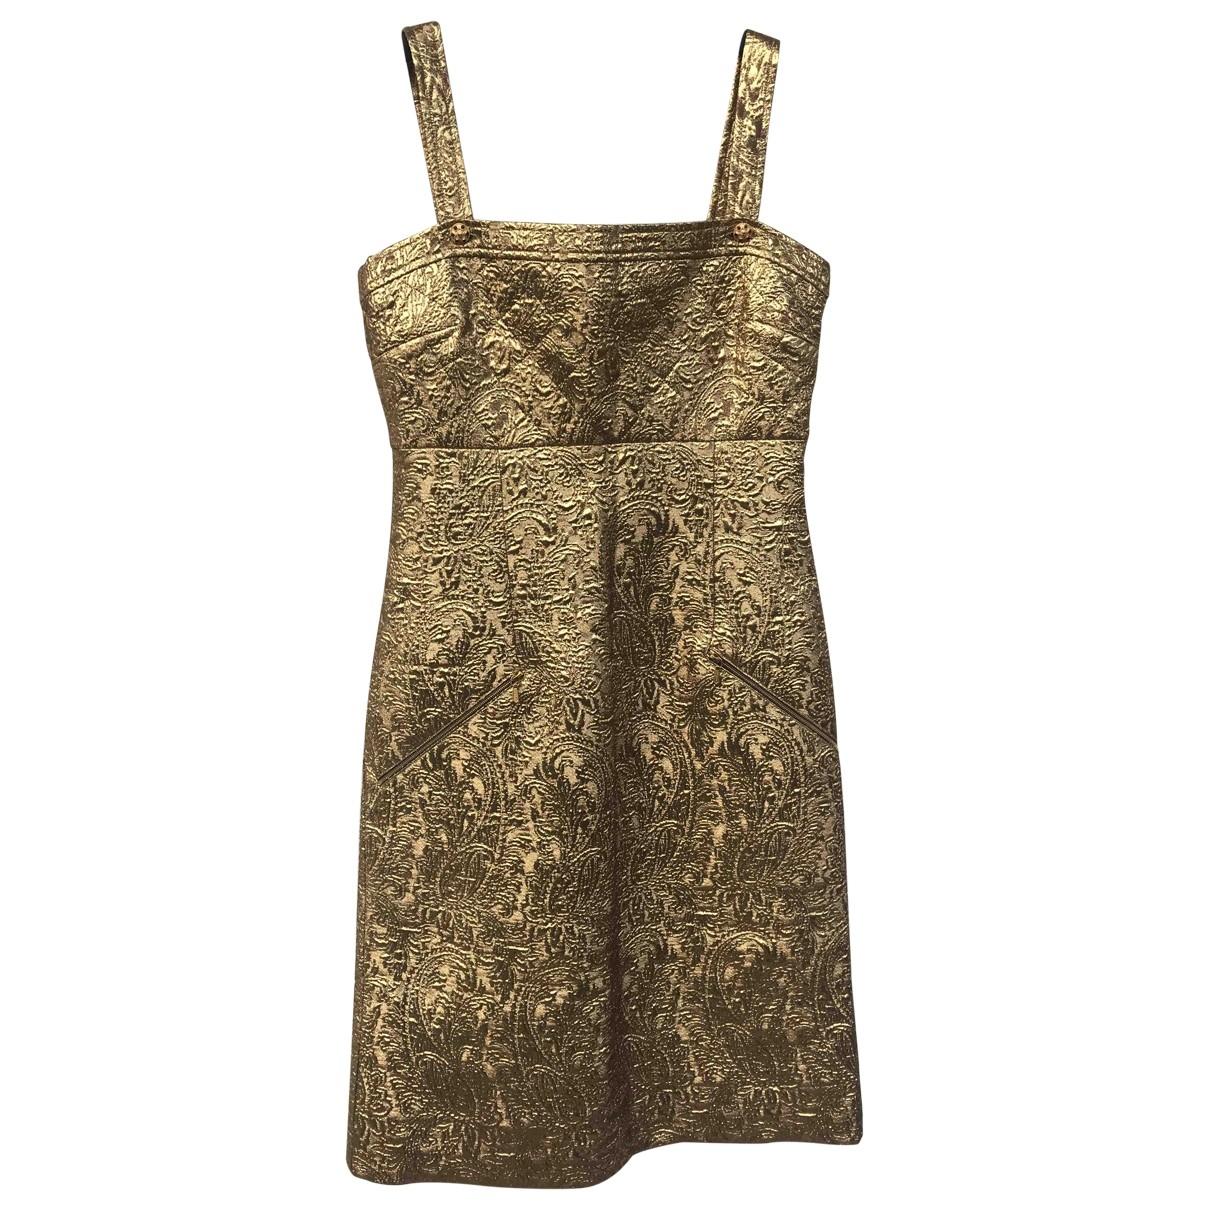 Chanel \N Gold dress for Women 40 IT